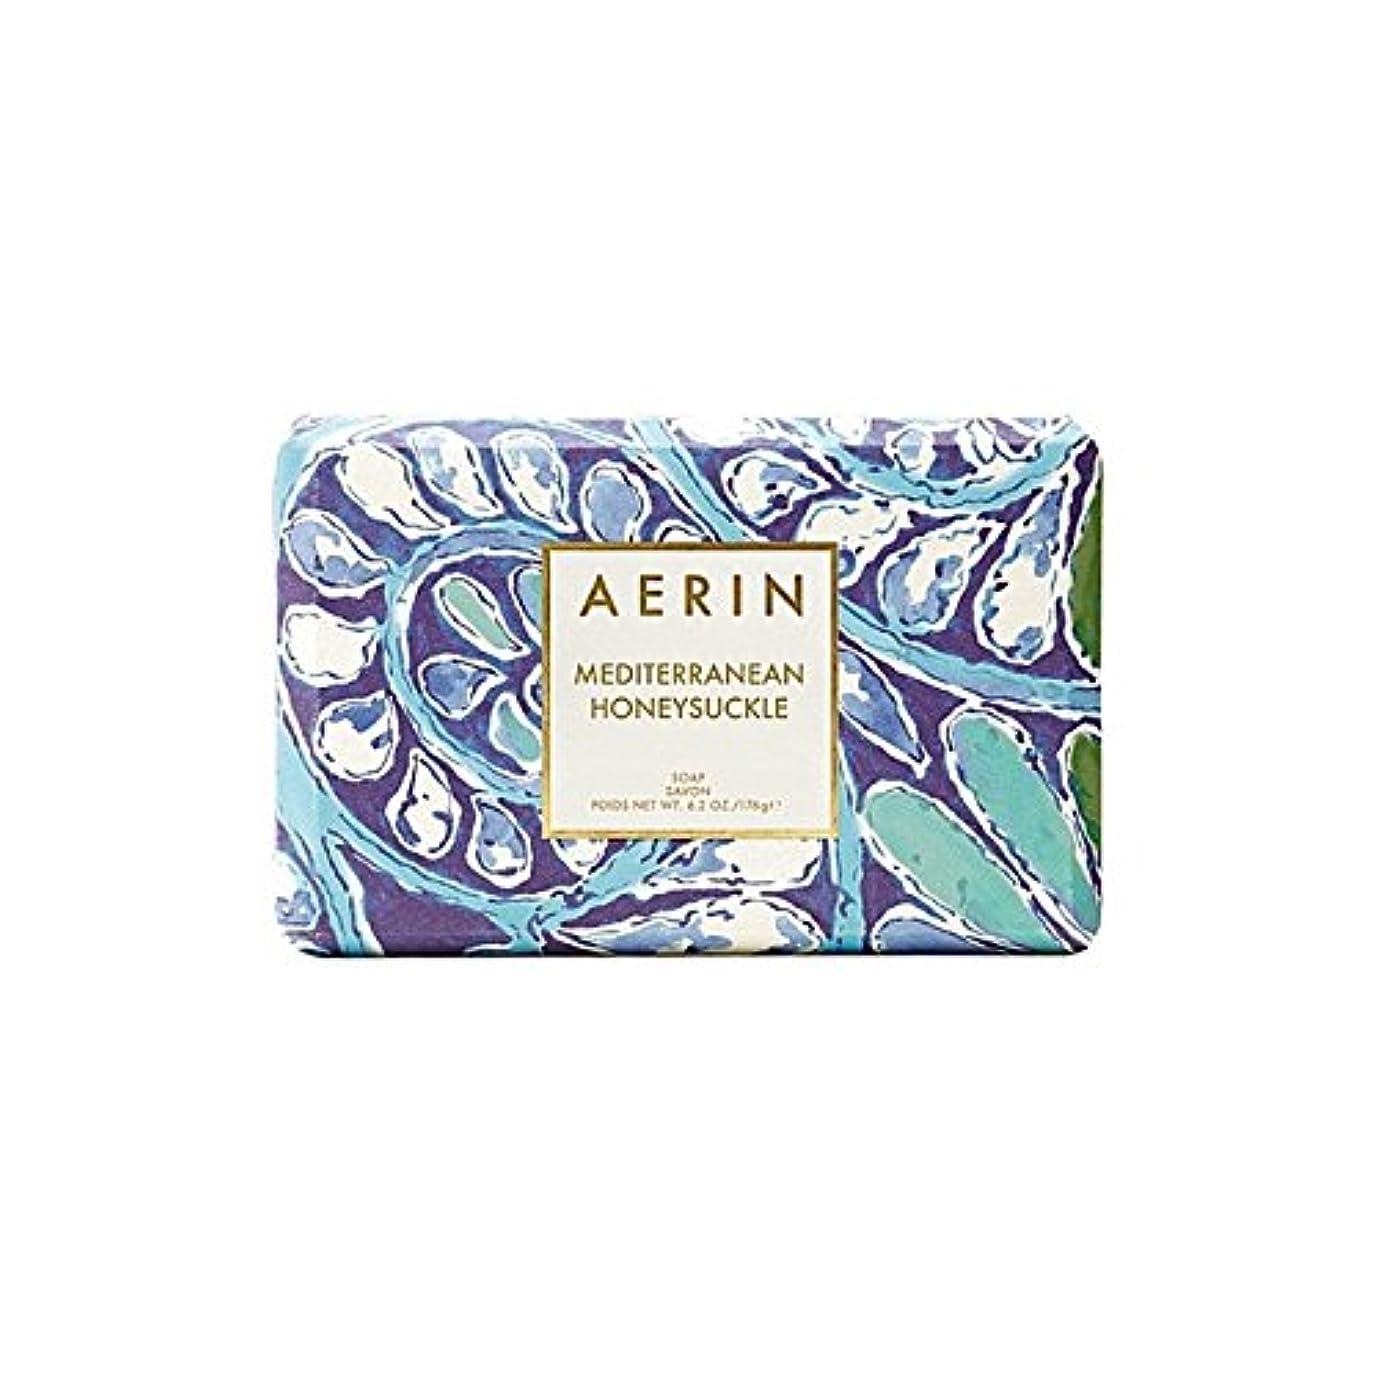 きしむ浮浪者軽食スイカズラ固形石鹸176グラム x2 - Aerin Mediterrenean Honeysuckle Bar Soap 176G (Pack of 2) [並行輸入品]